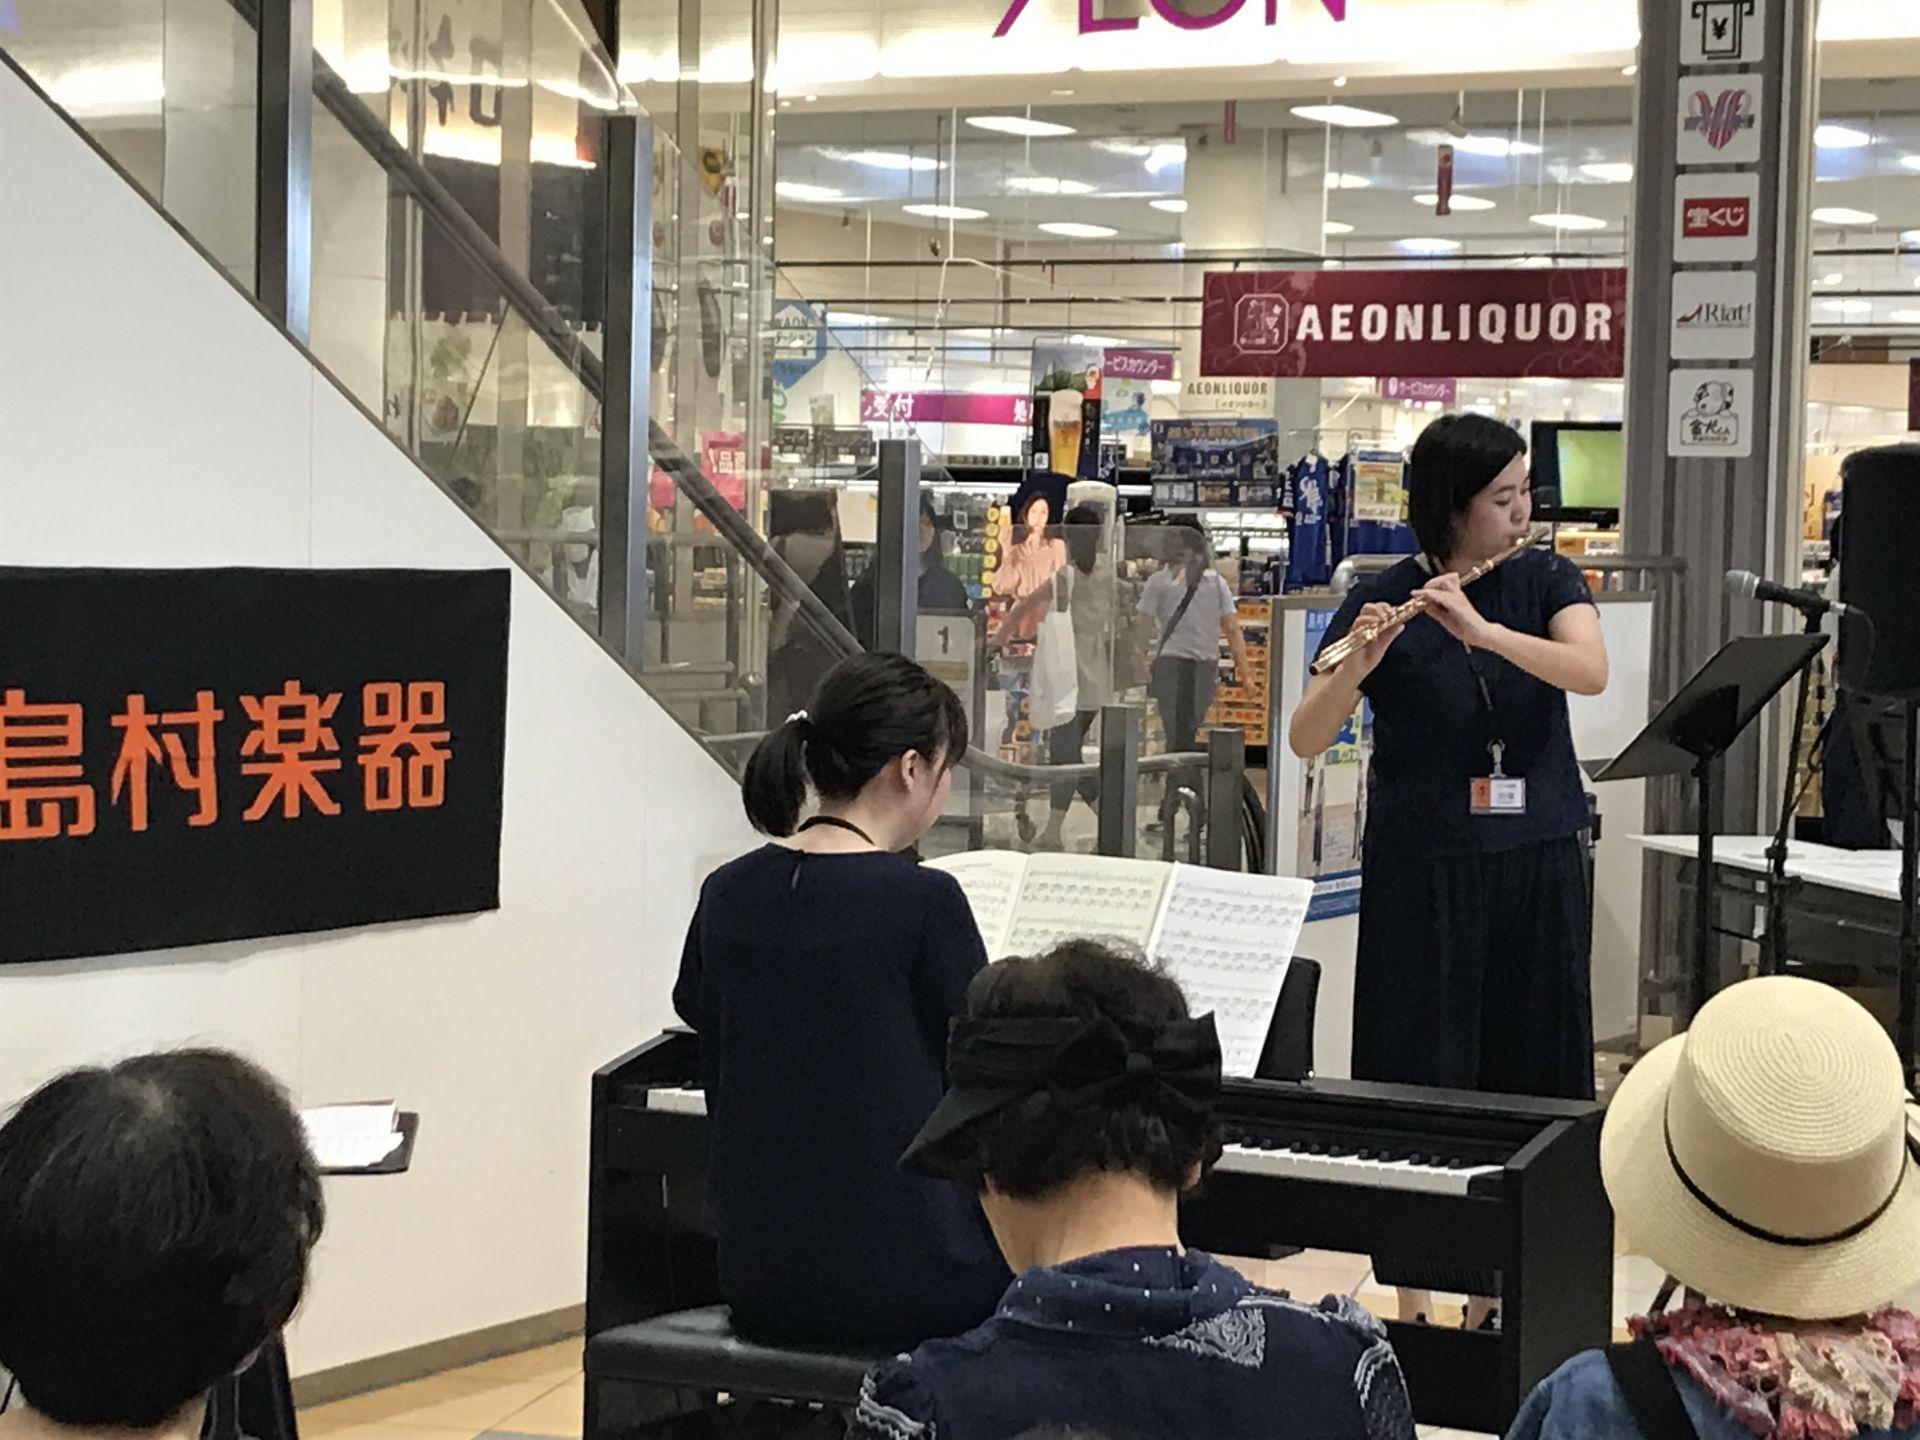 島村楽器イオンモール高崎店 フルート教室 レッスン 川端先生 デモ演奏